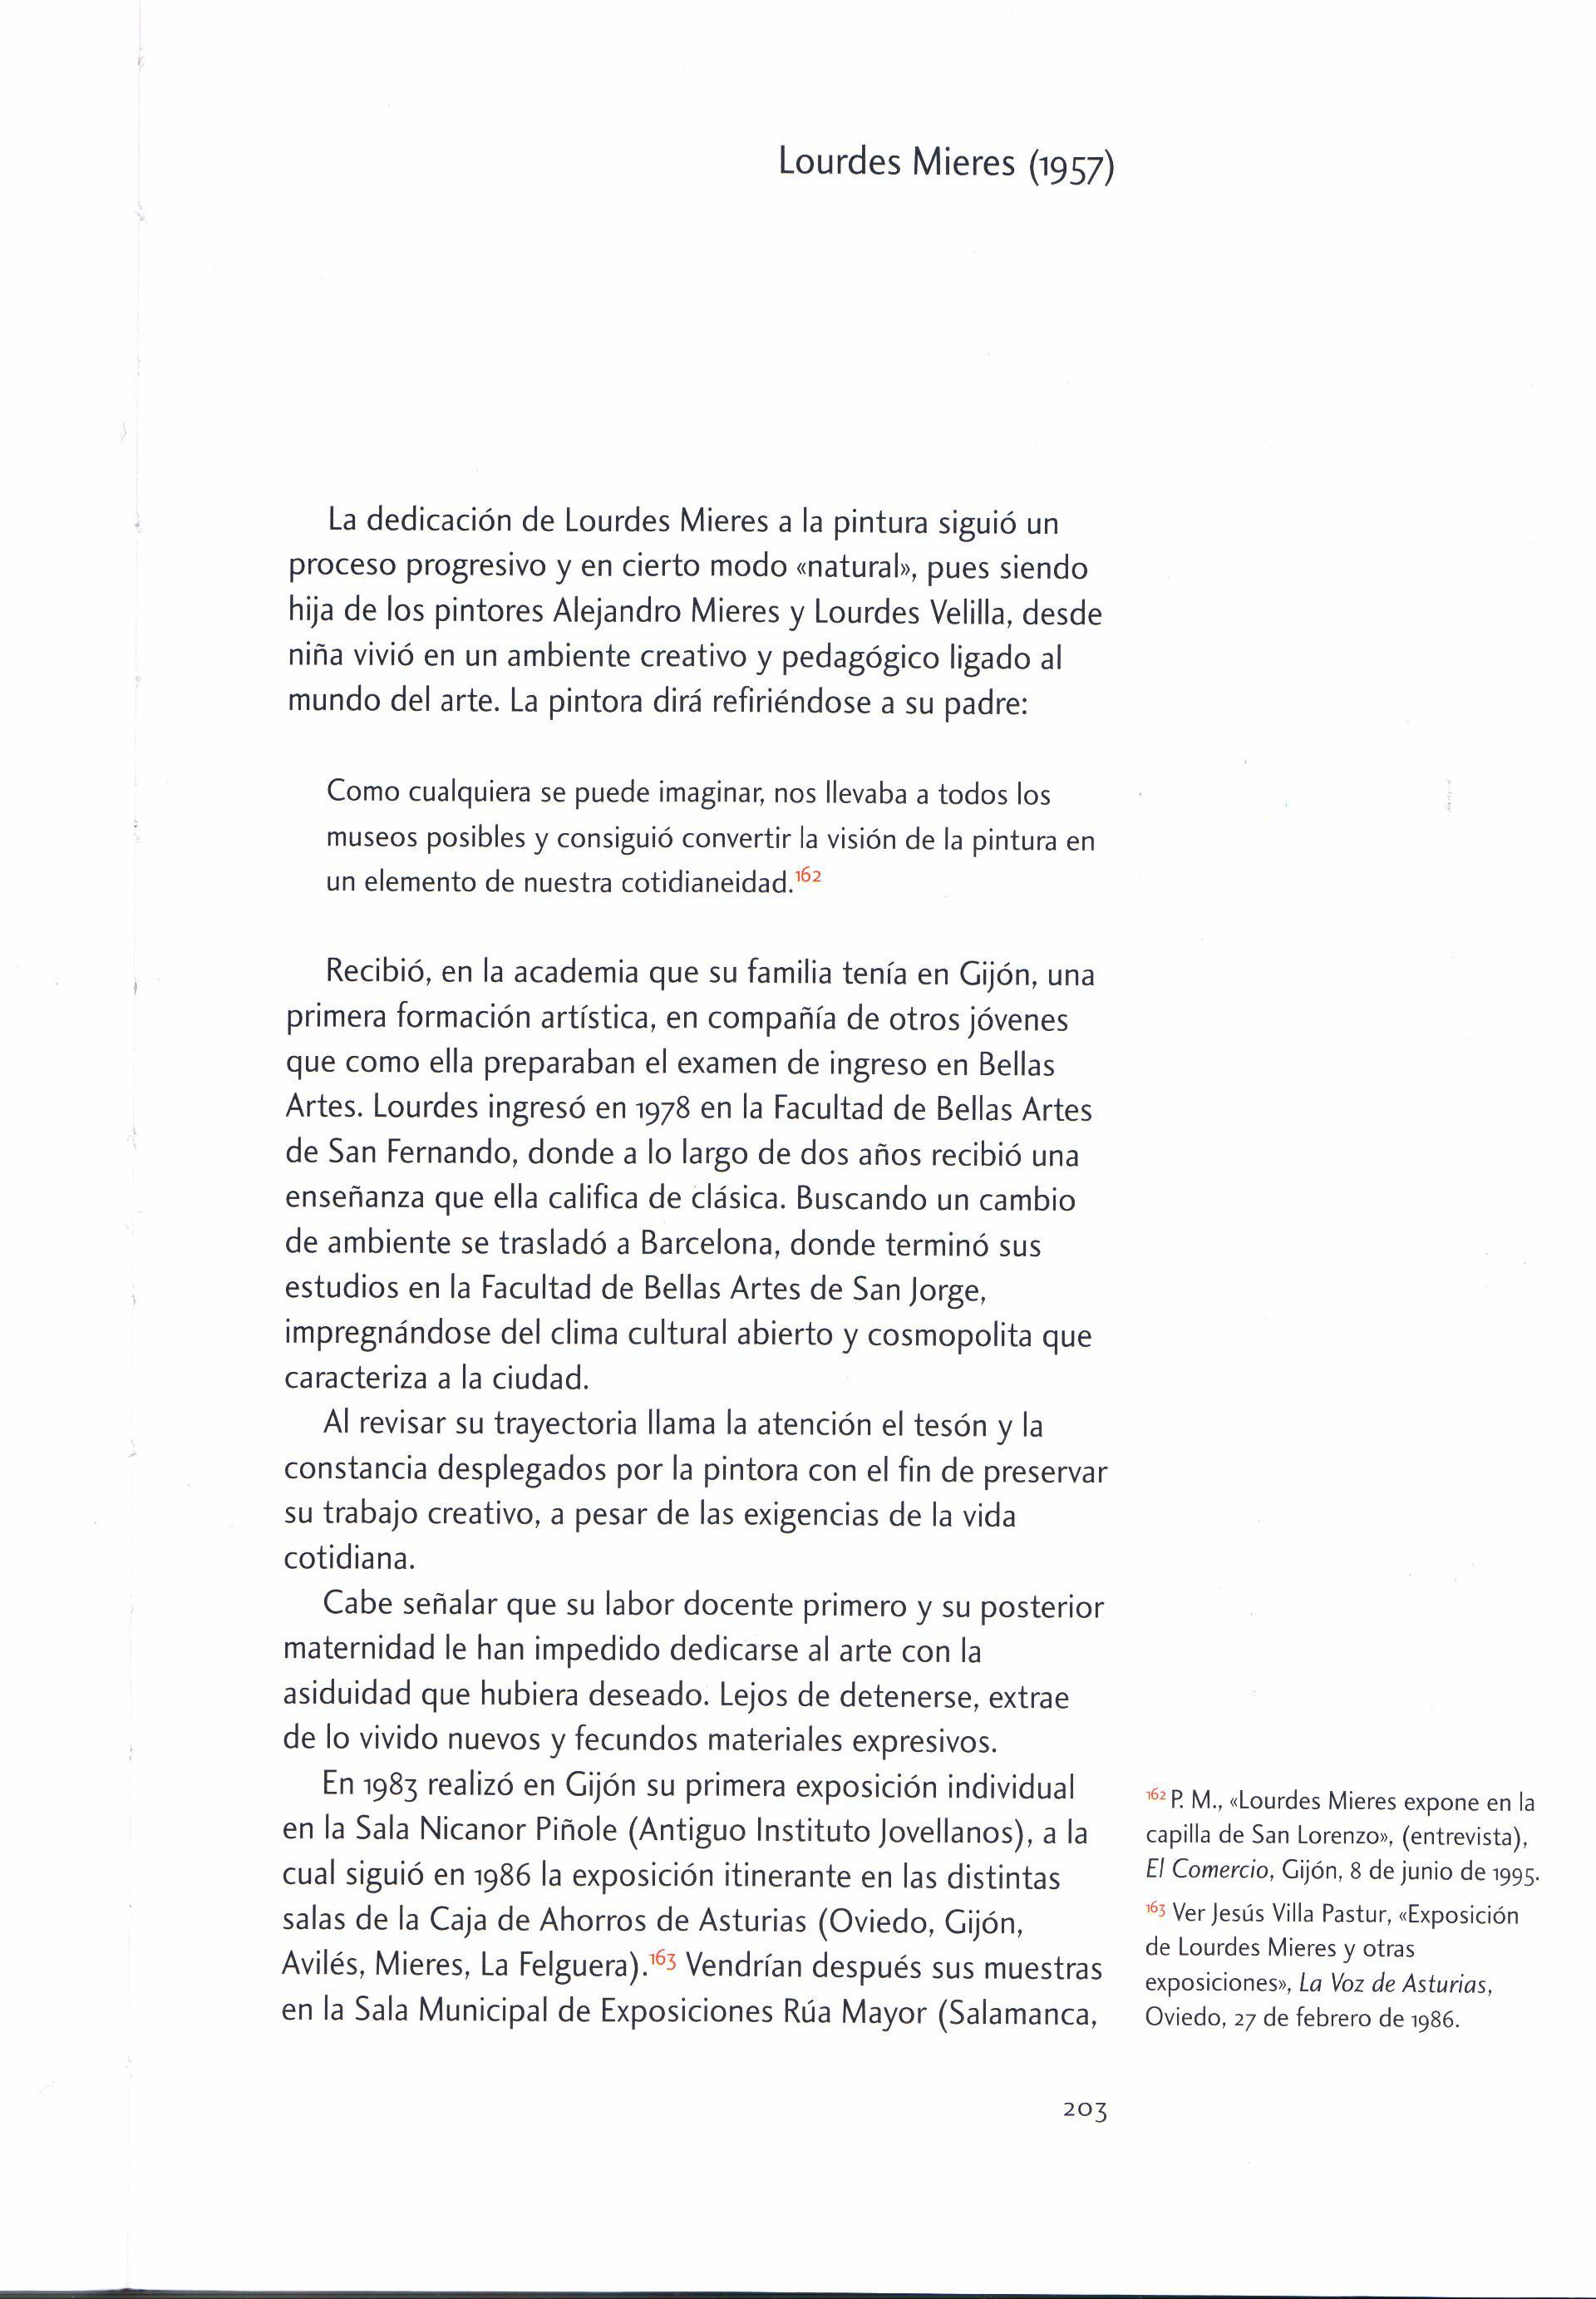 2 Pág. 203 del libro La mujer...